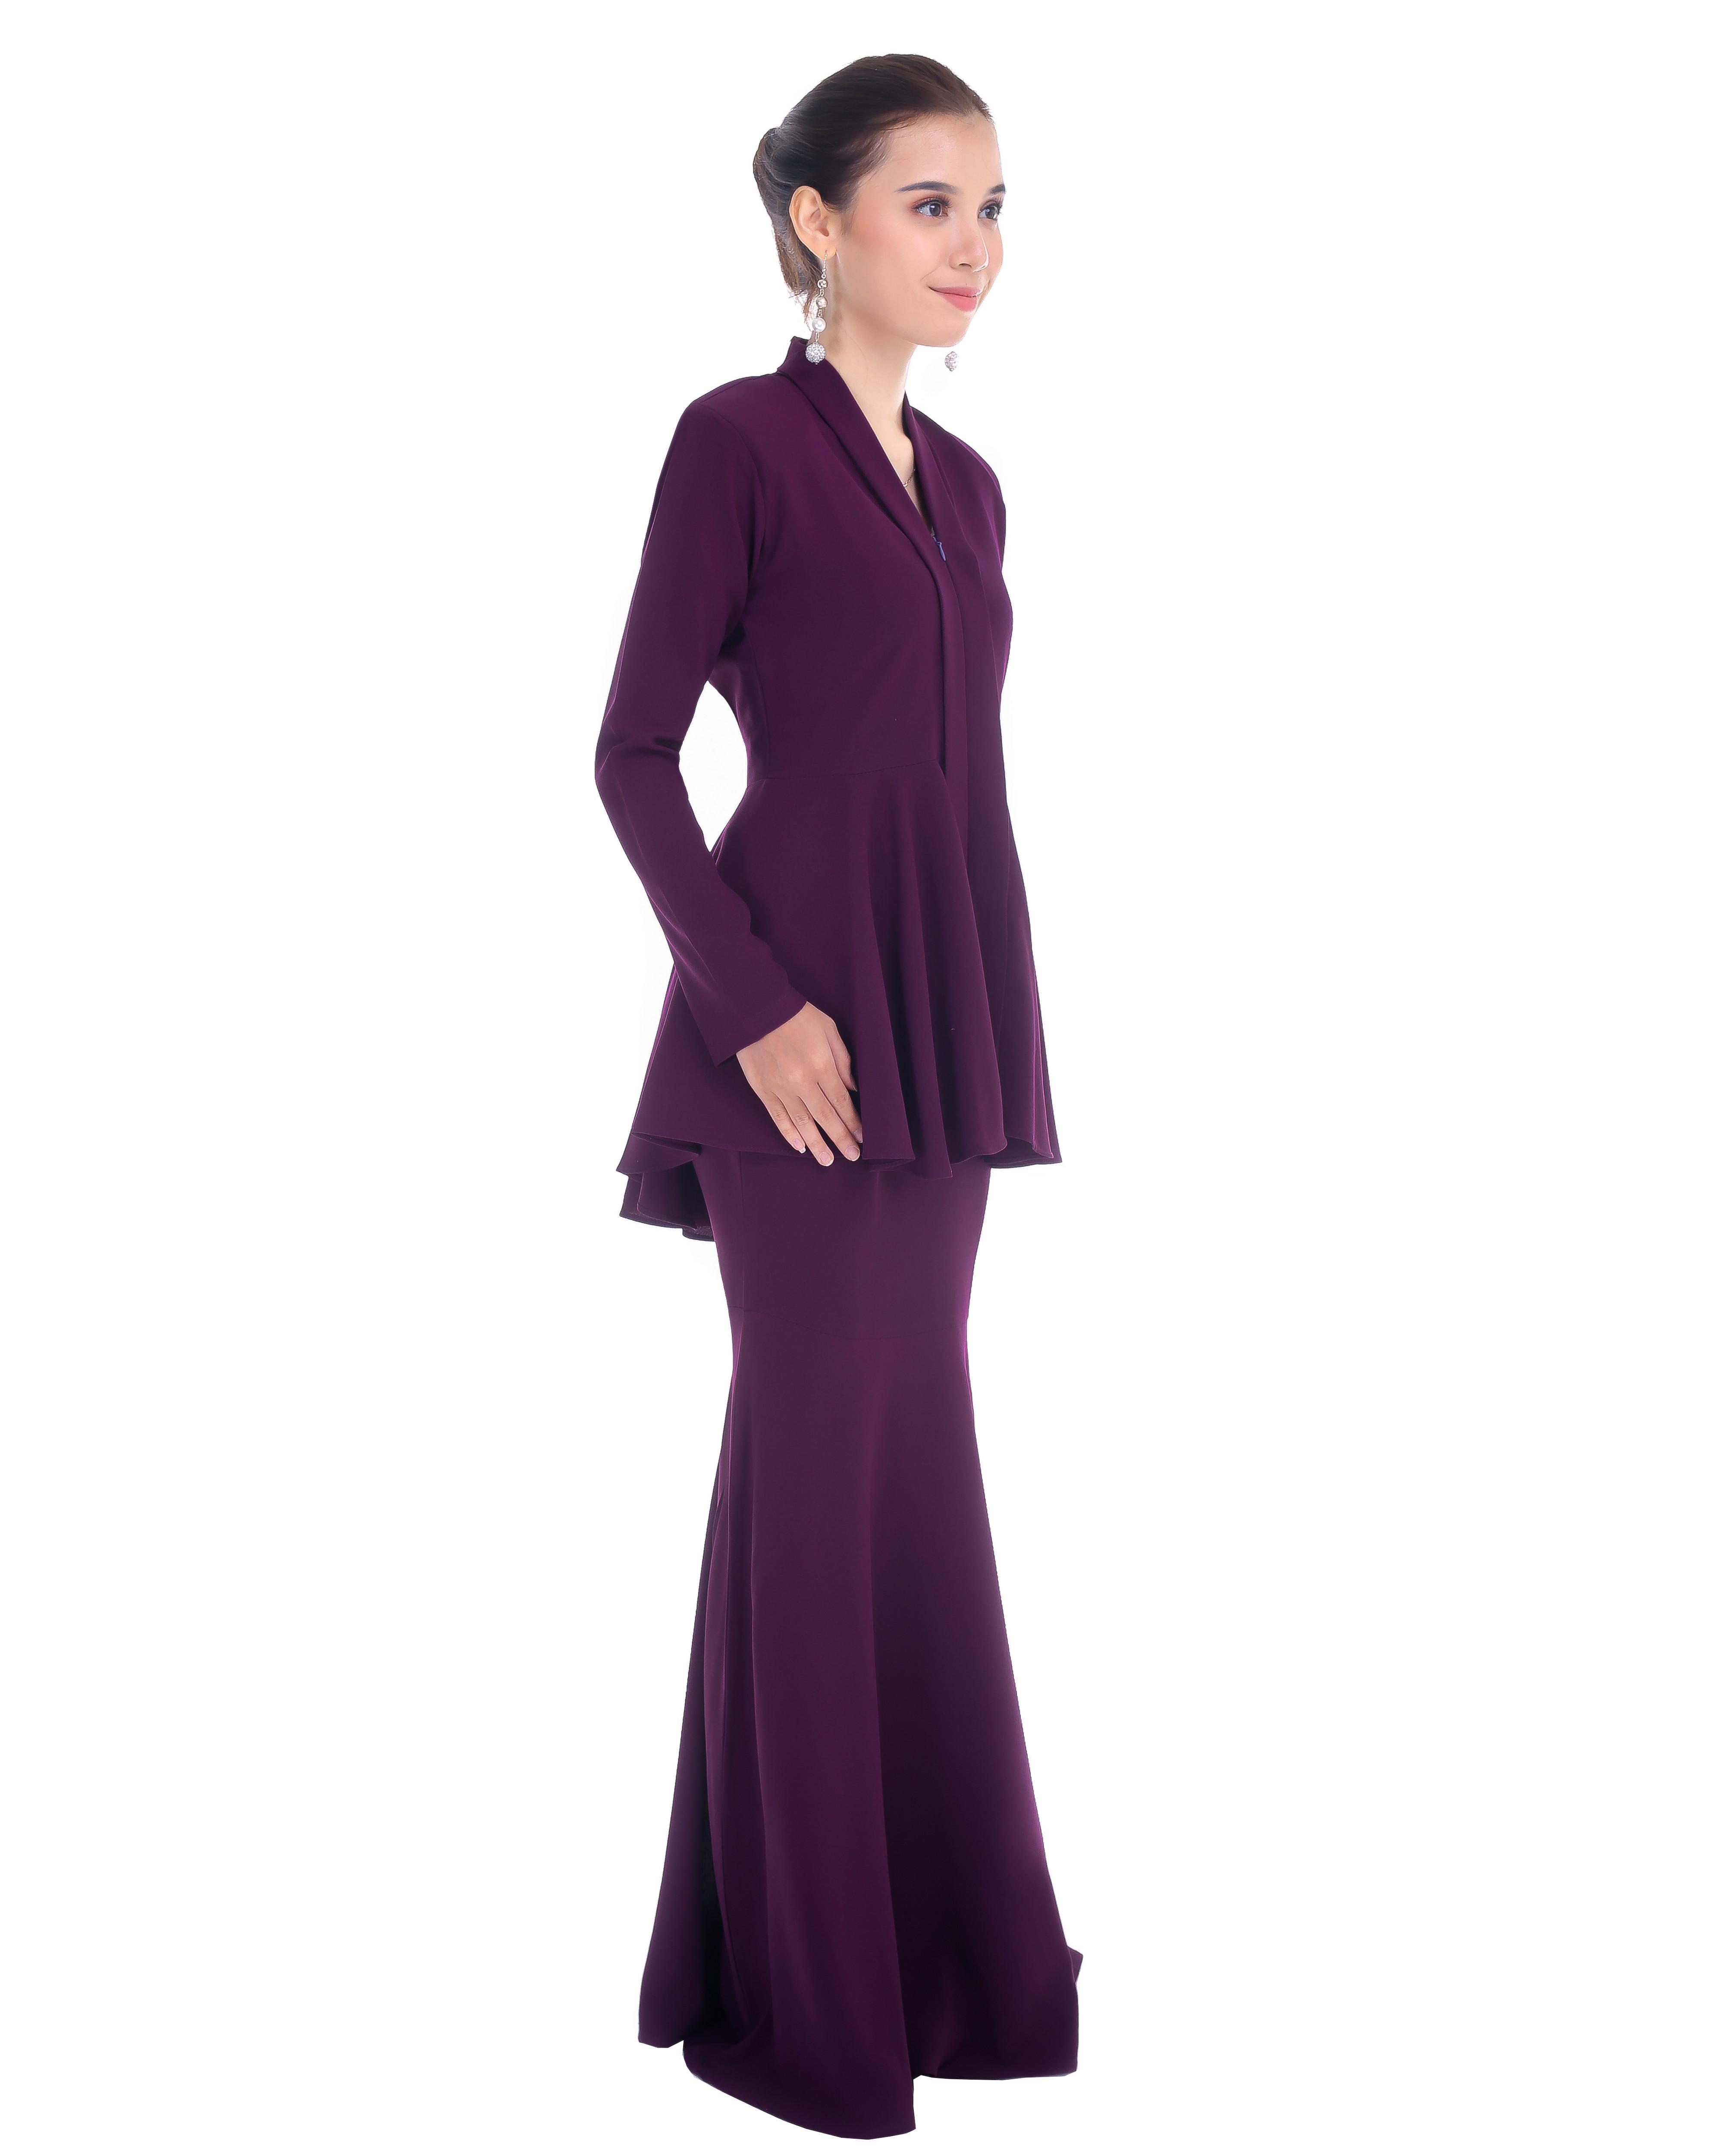 Kebaya Peplum - Mitten Purple